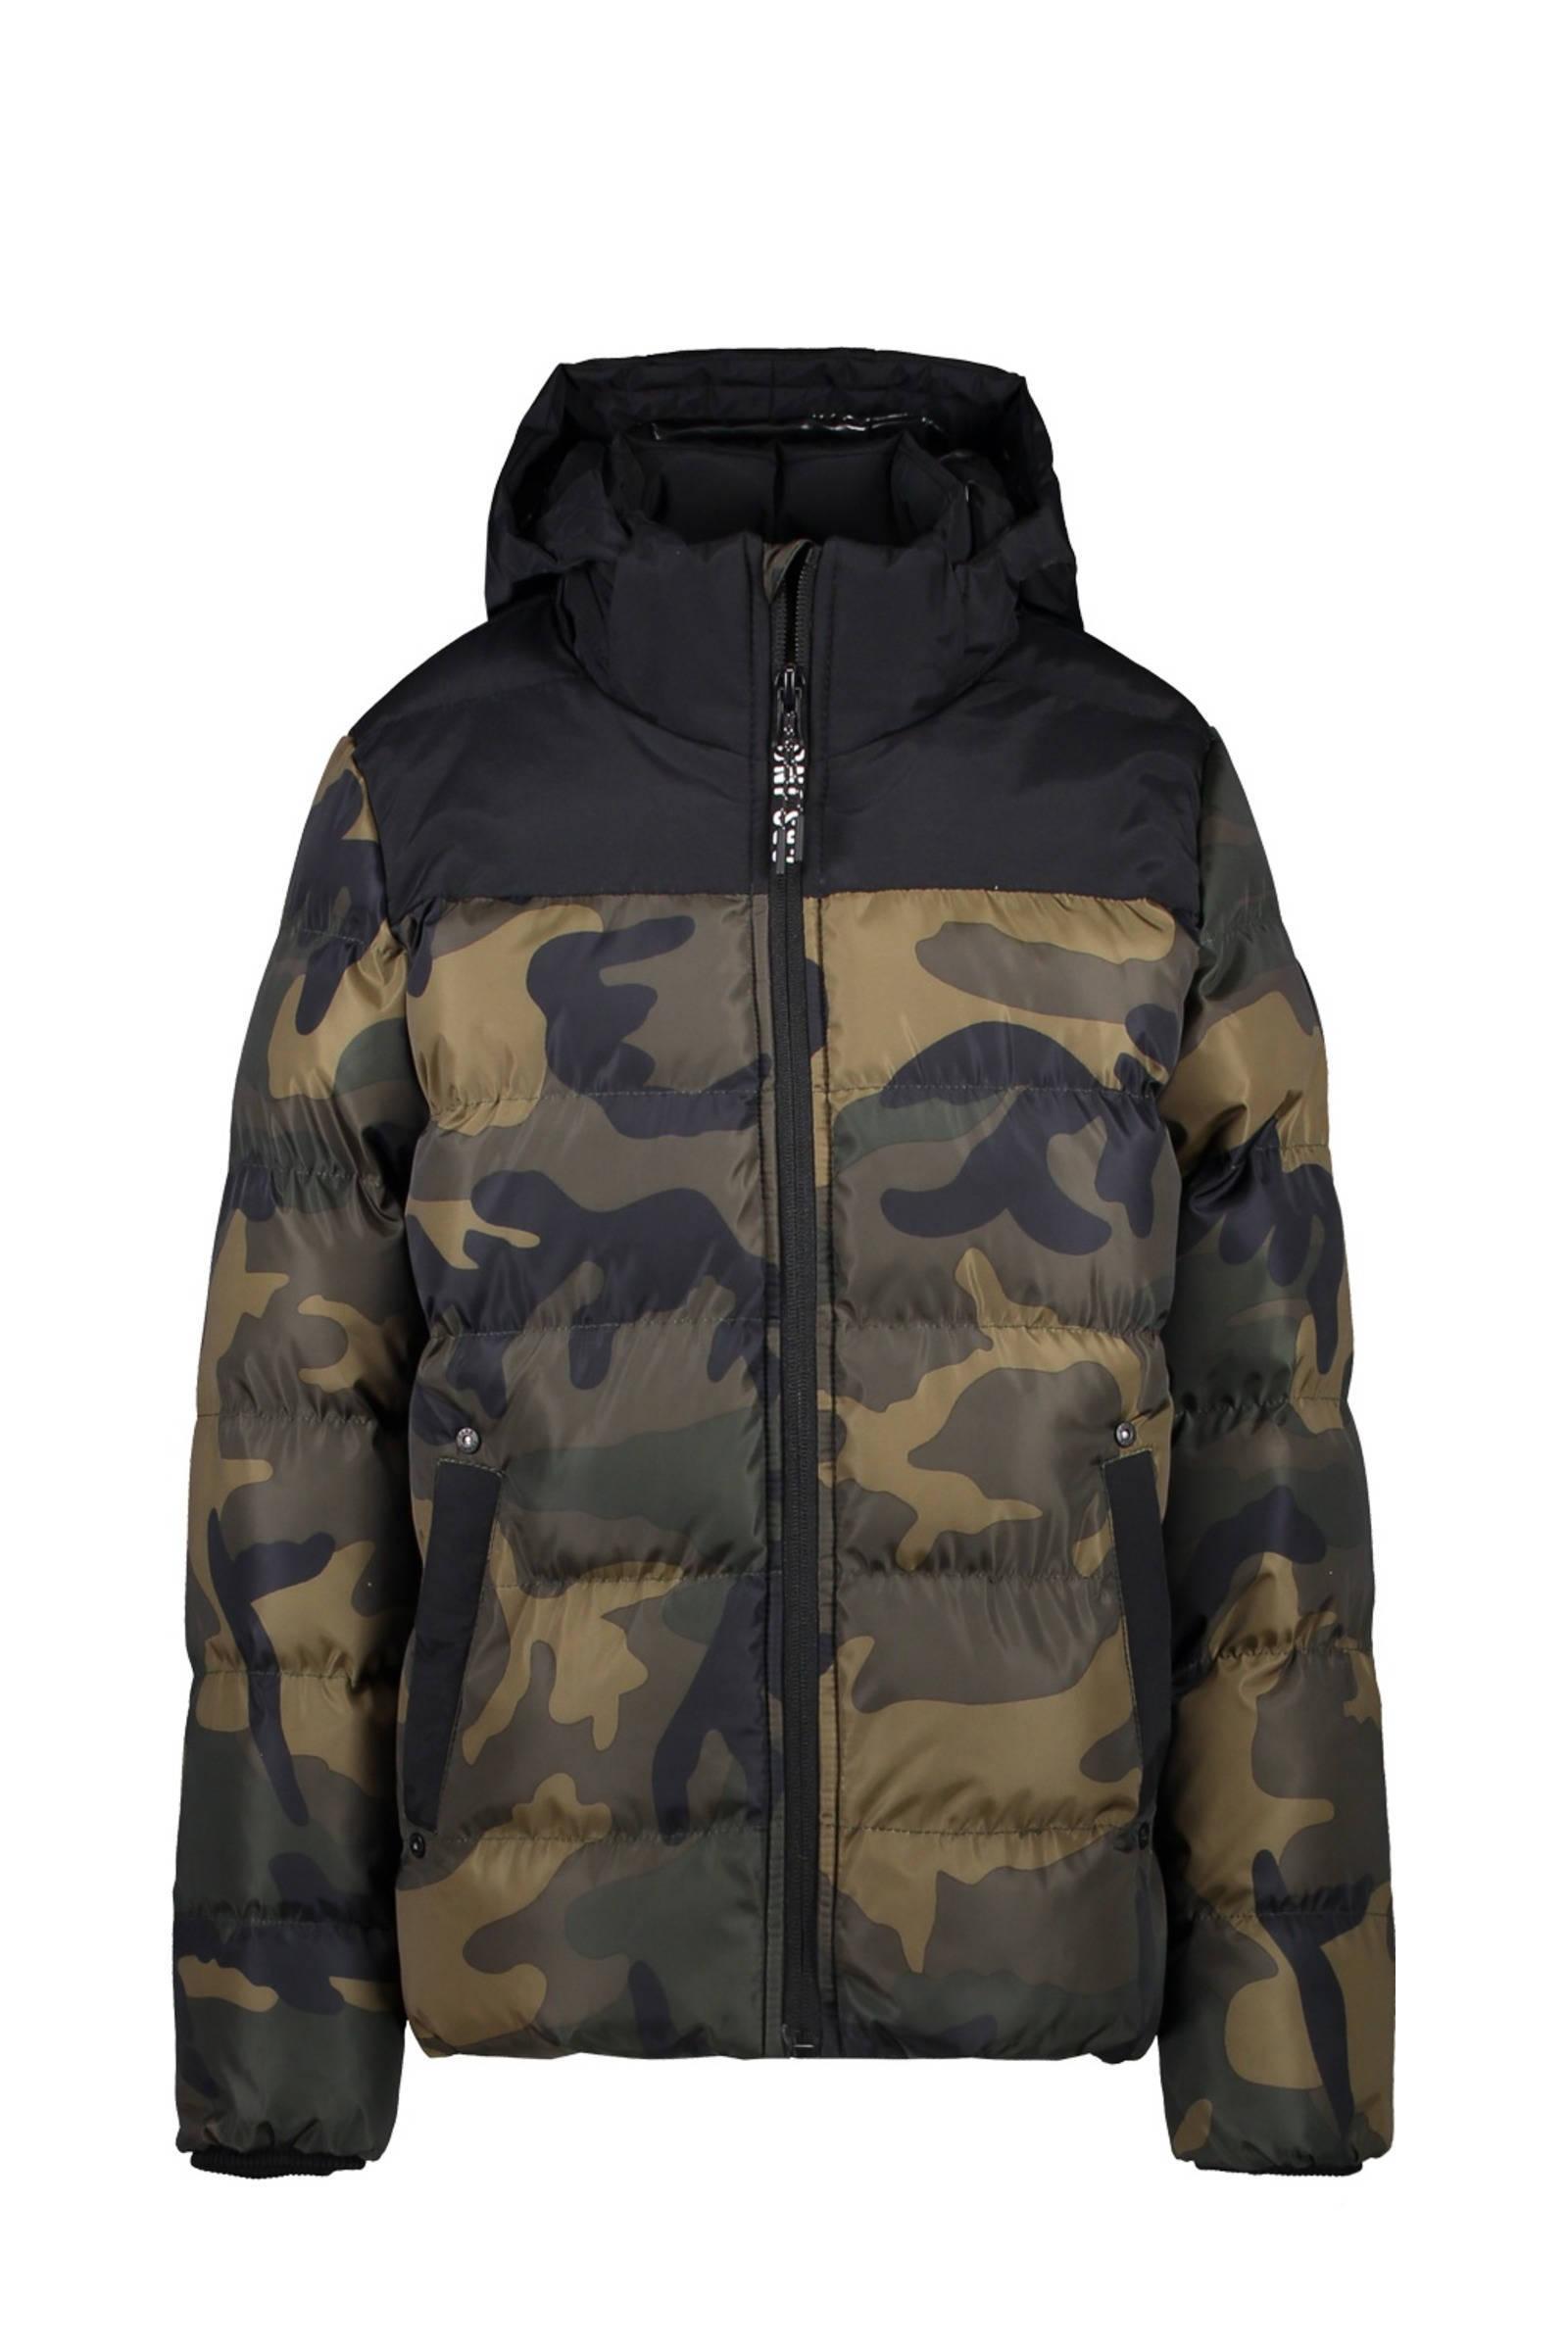 gewatteerde winterjas Scola met camouflageprint groenzwart